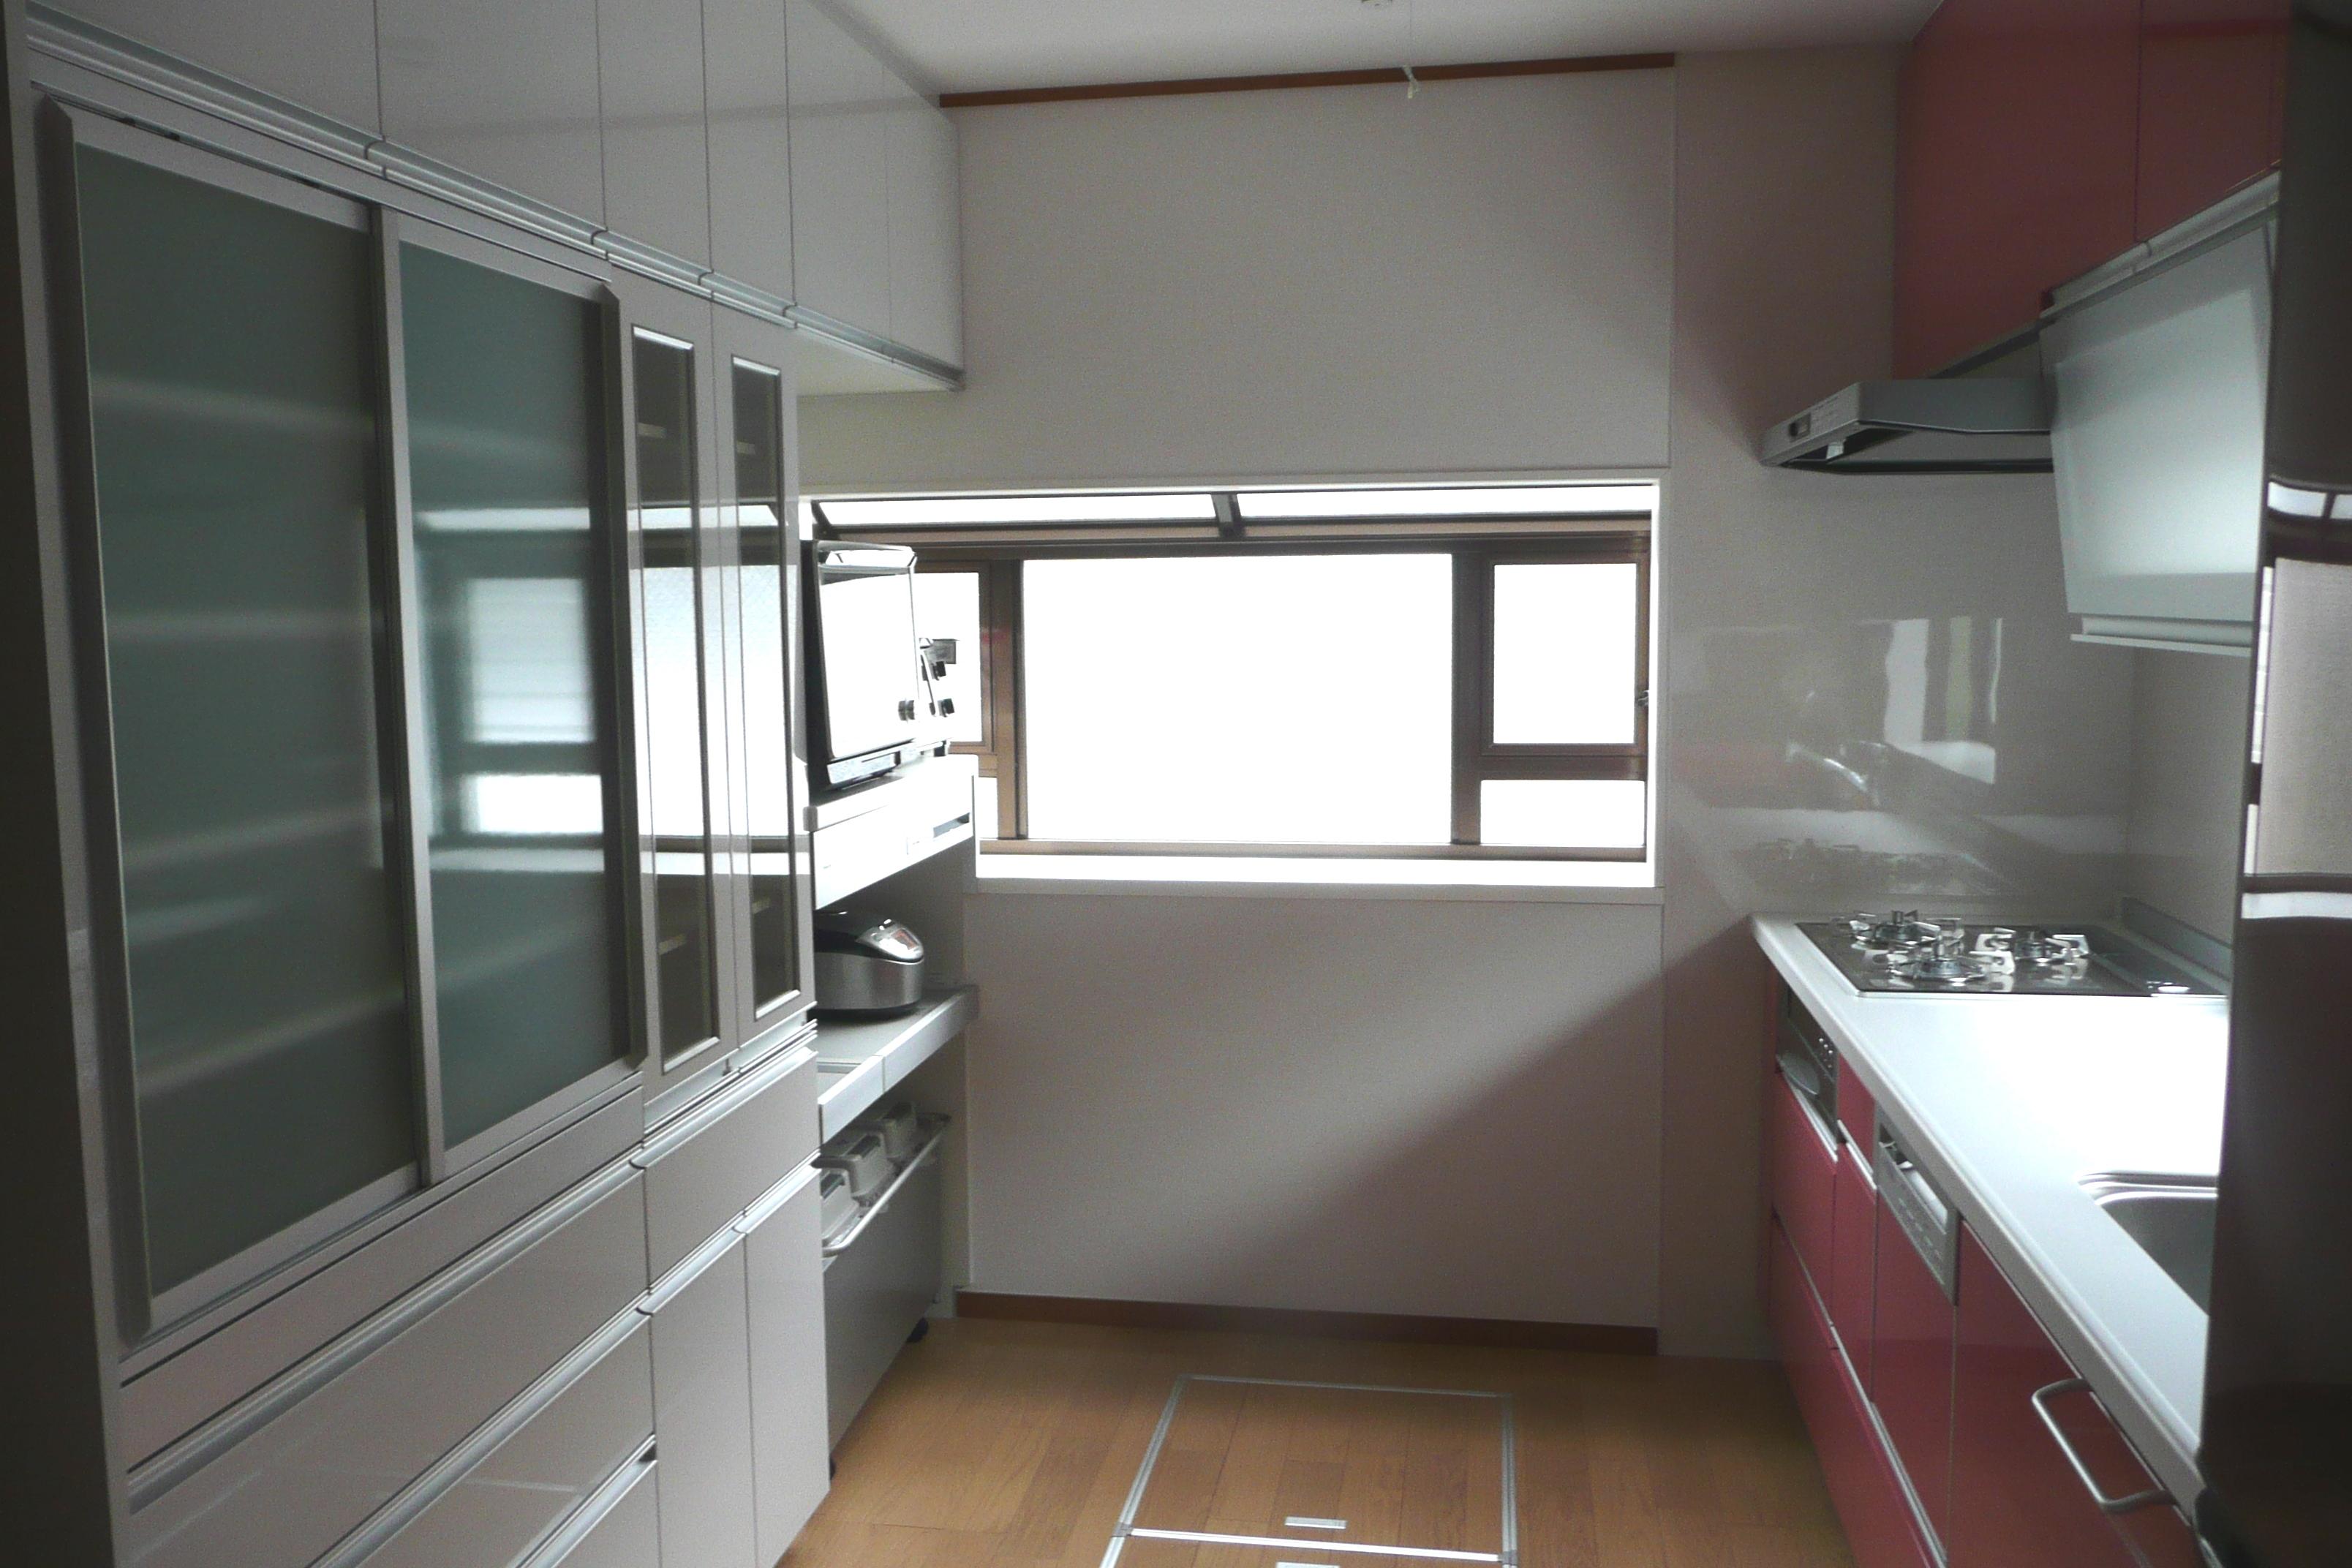 奥様お気に入りのピンク色の扉がおしゃれなキッチン。機能も収納力もバツグン